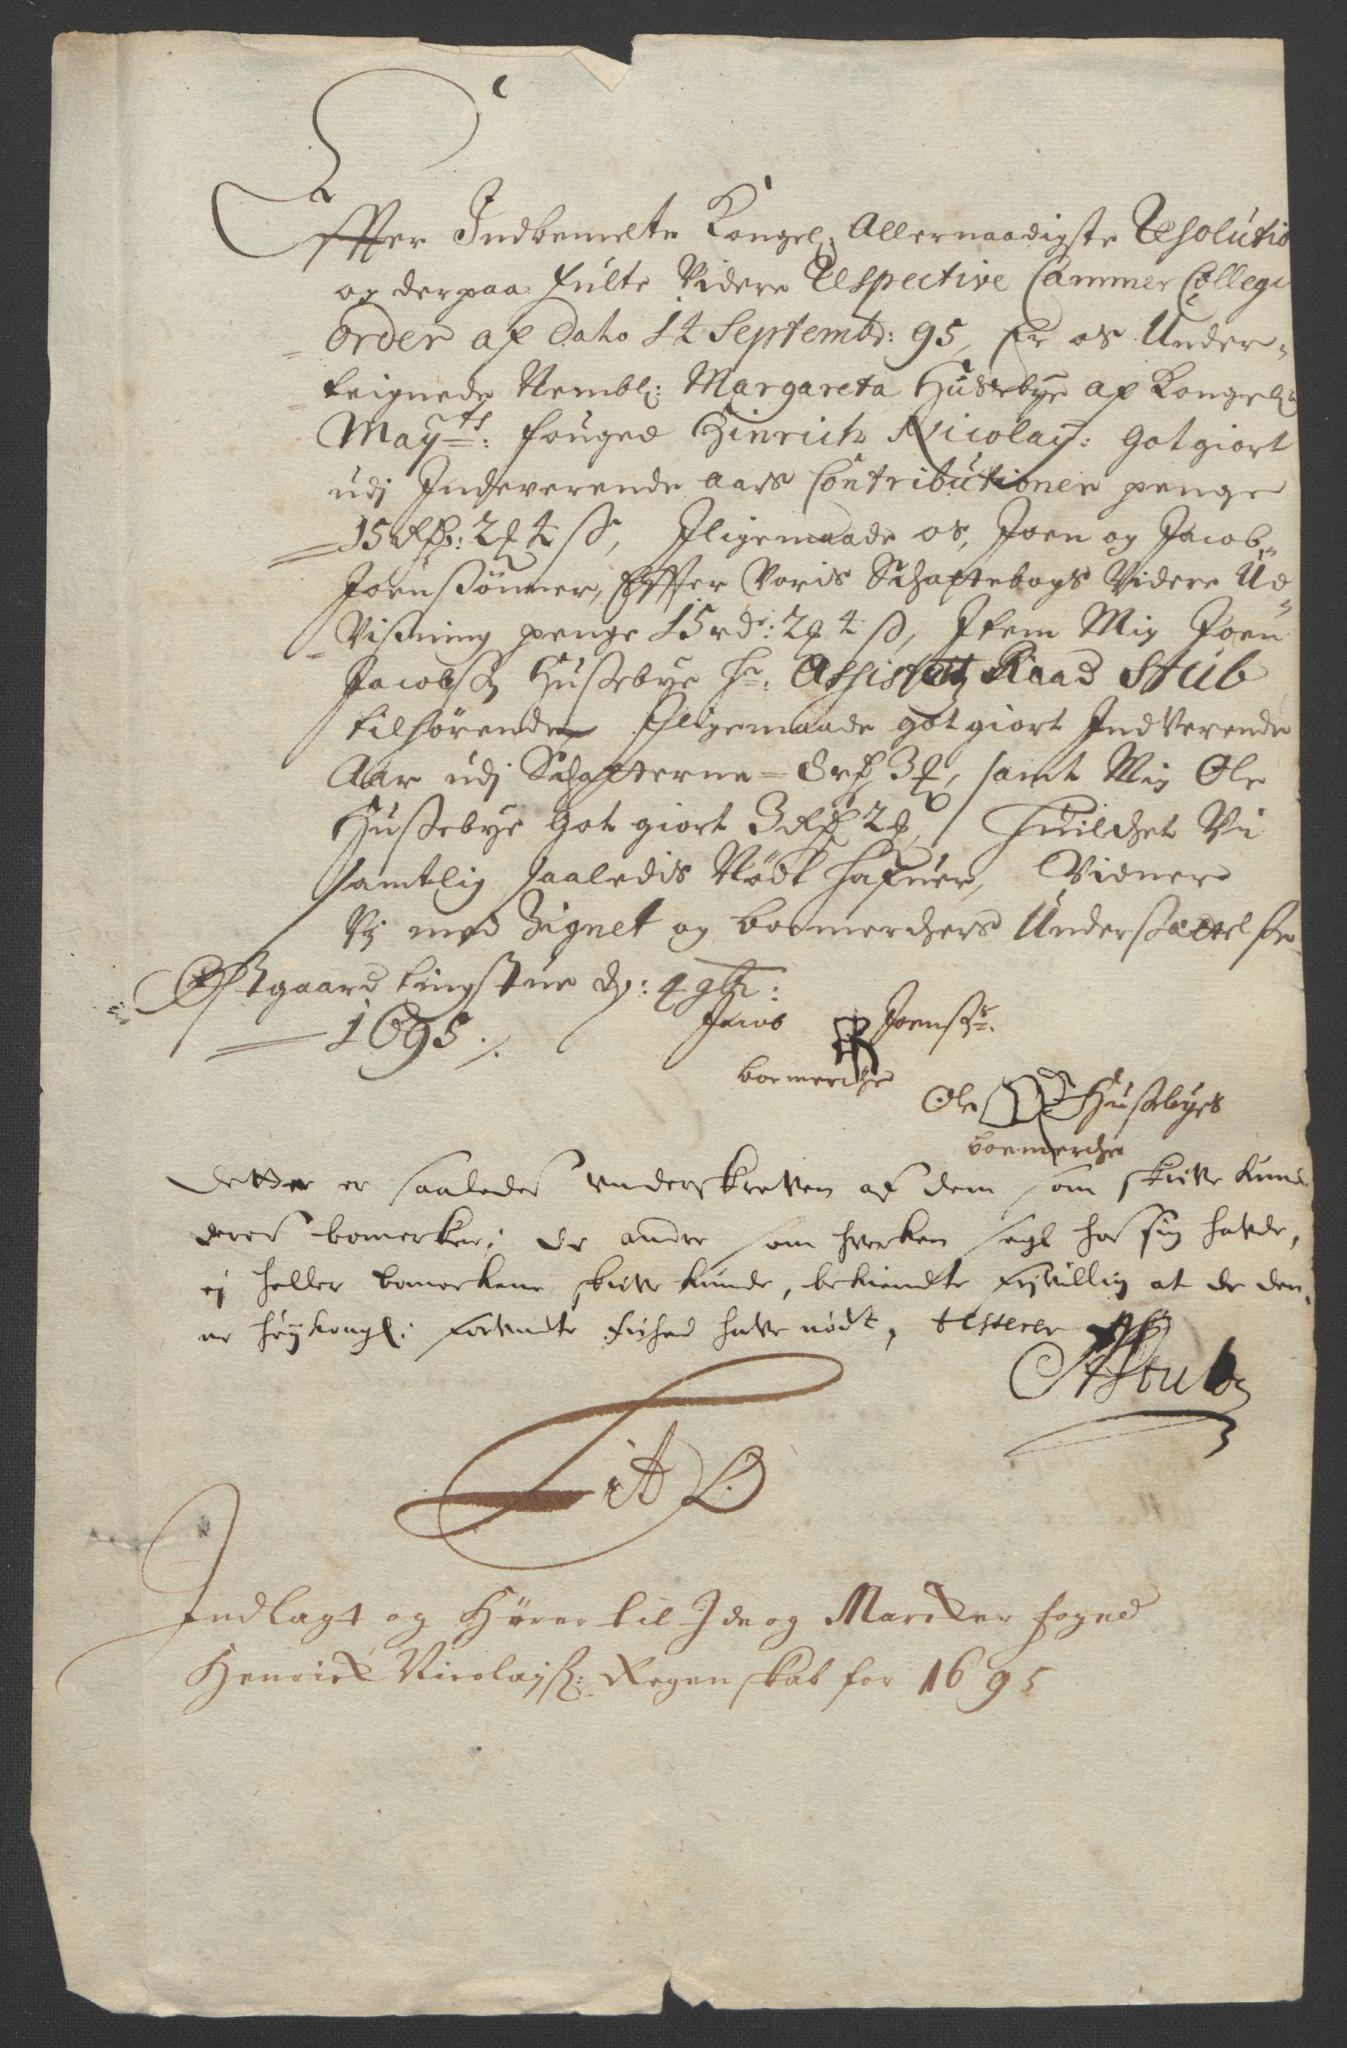 RA, Rentekammeret inntil 1814, Reviderte regnskaper, Fogderegnskap, R01/L0012: Fogderegnskap Idd og Marker, 1694-1695, s. 283